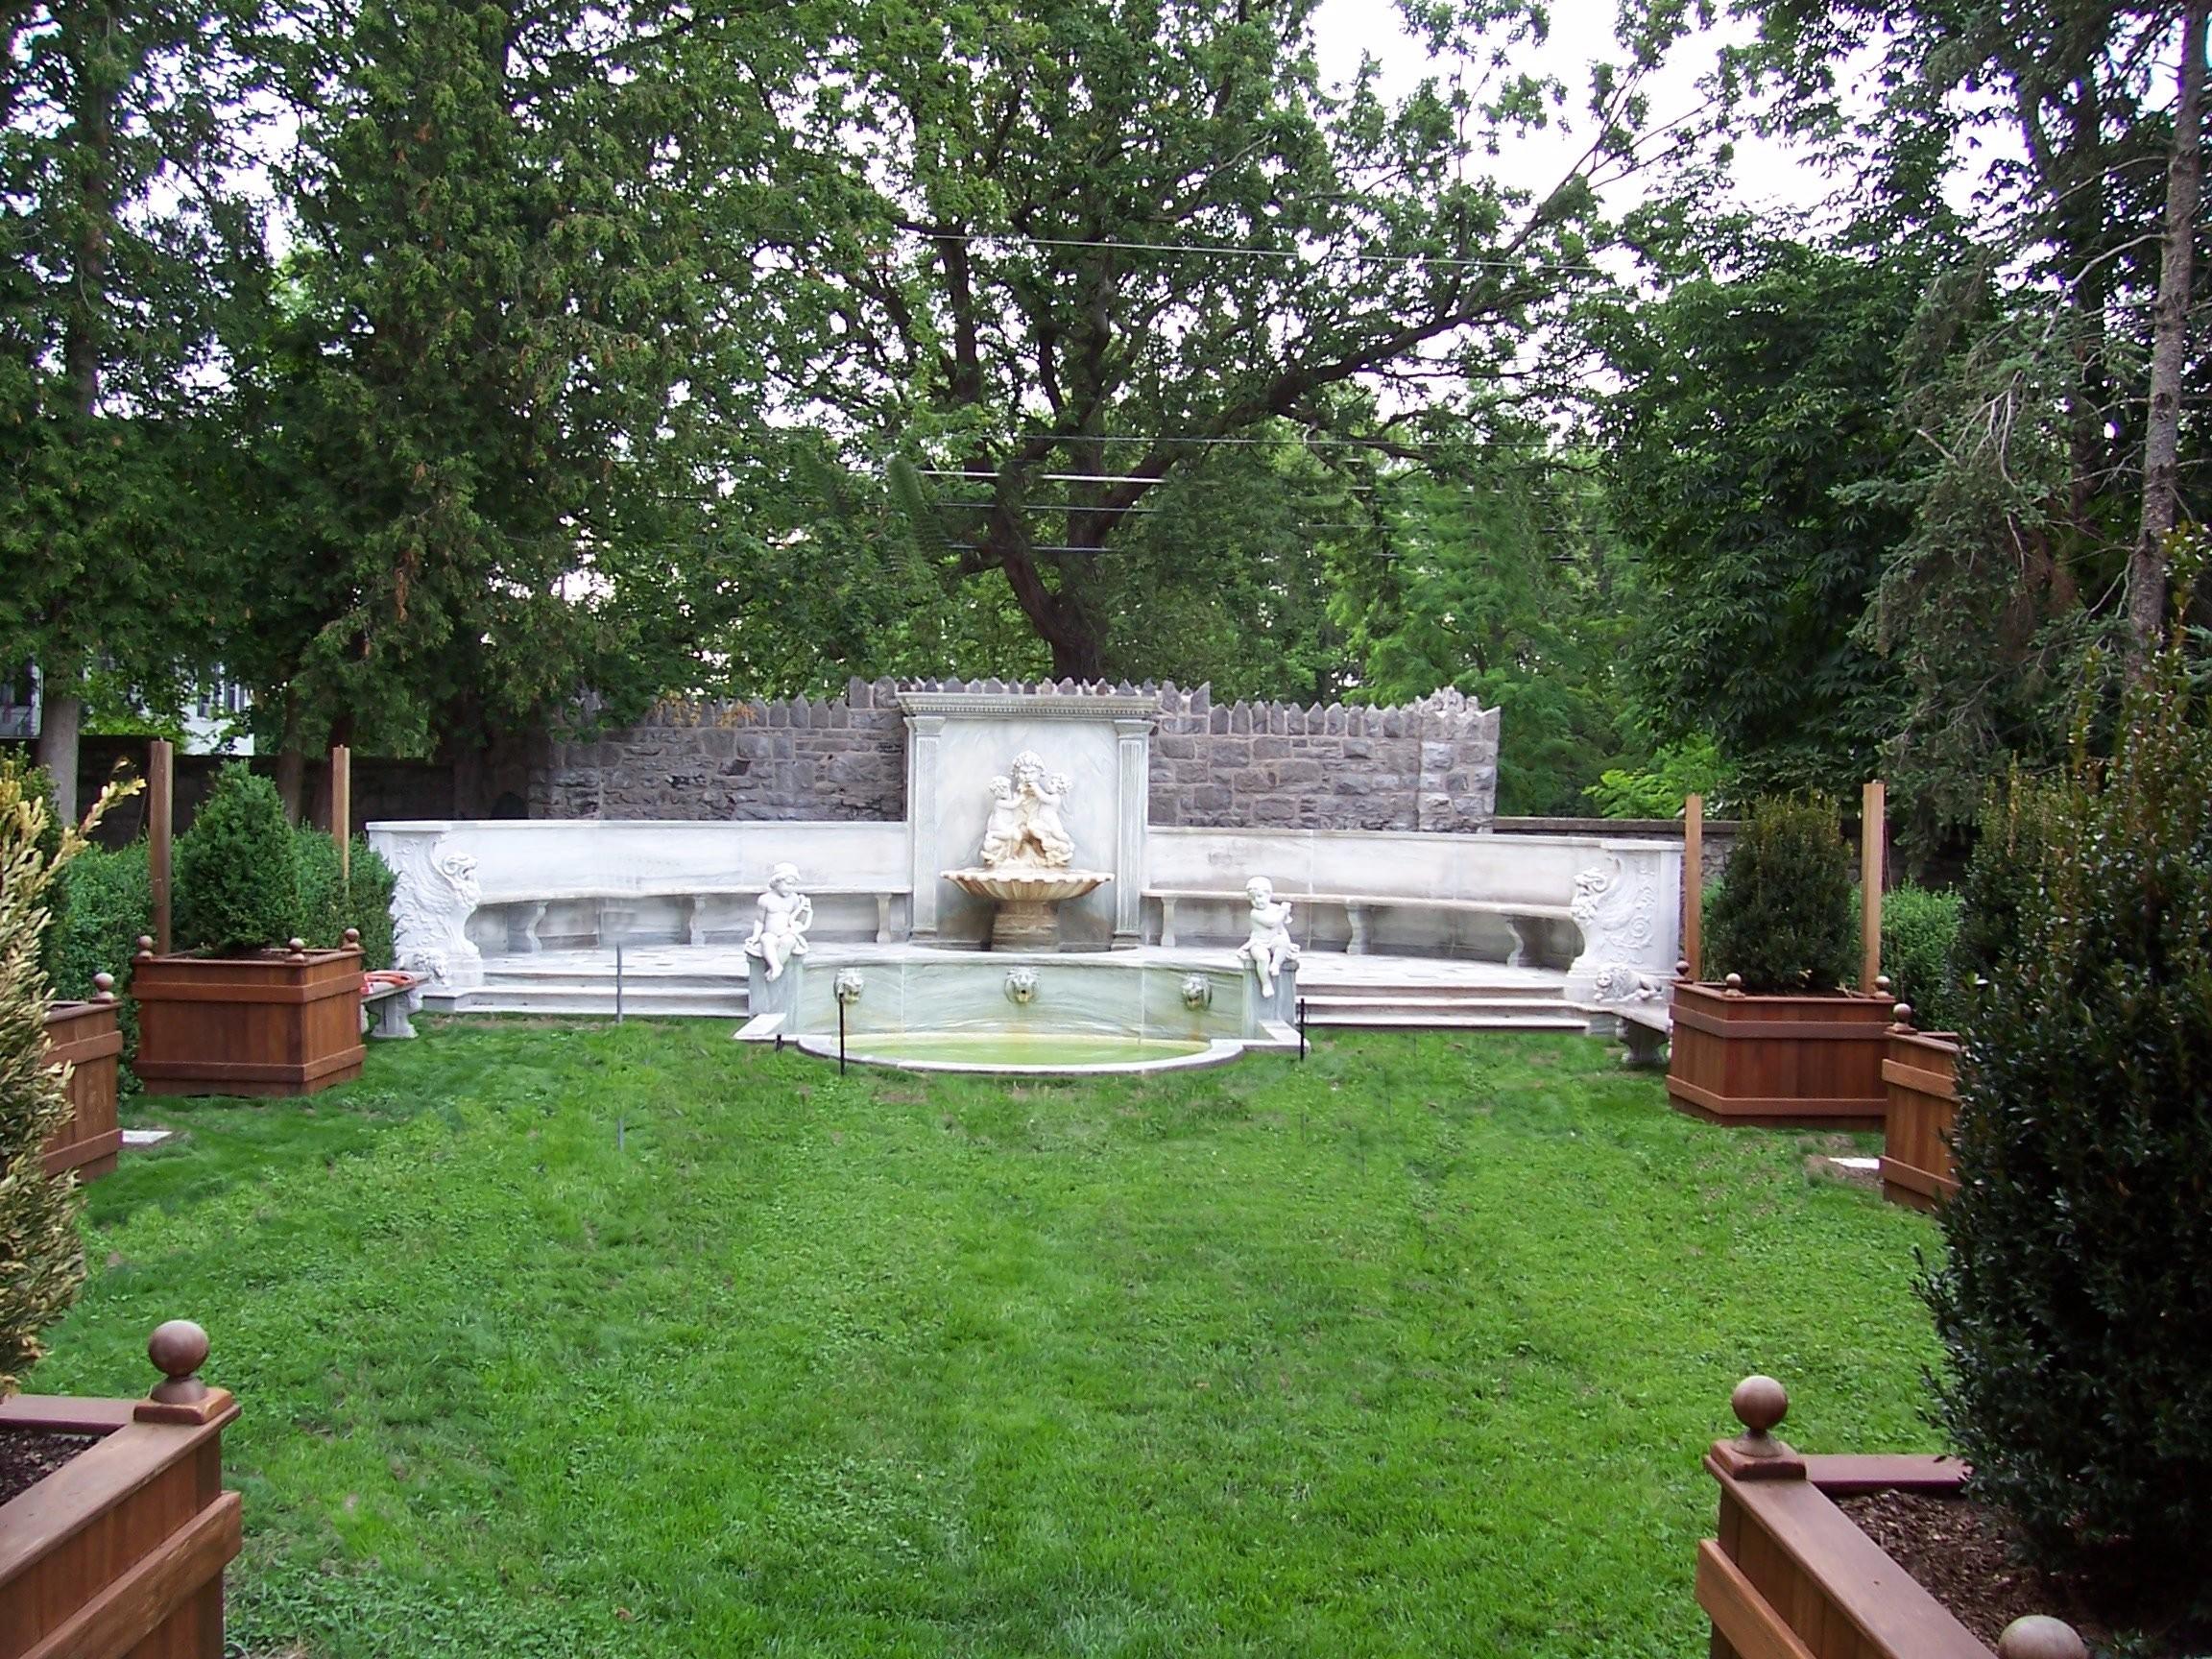 sub-rosa-garden_6685032433_o